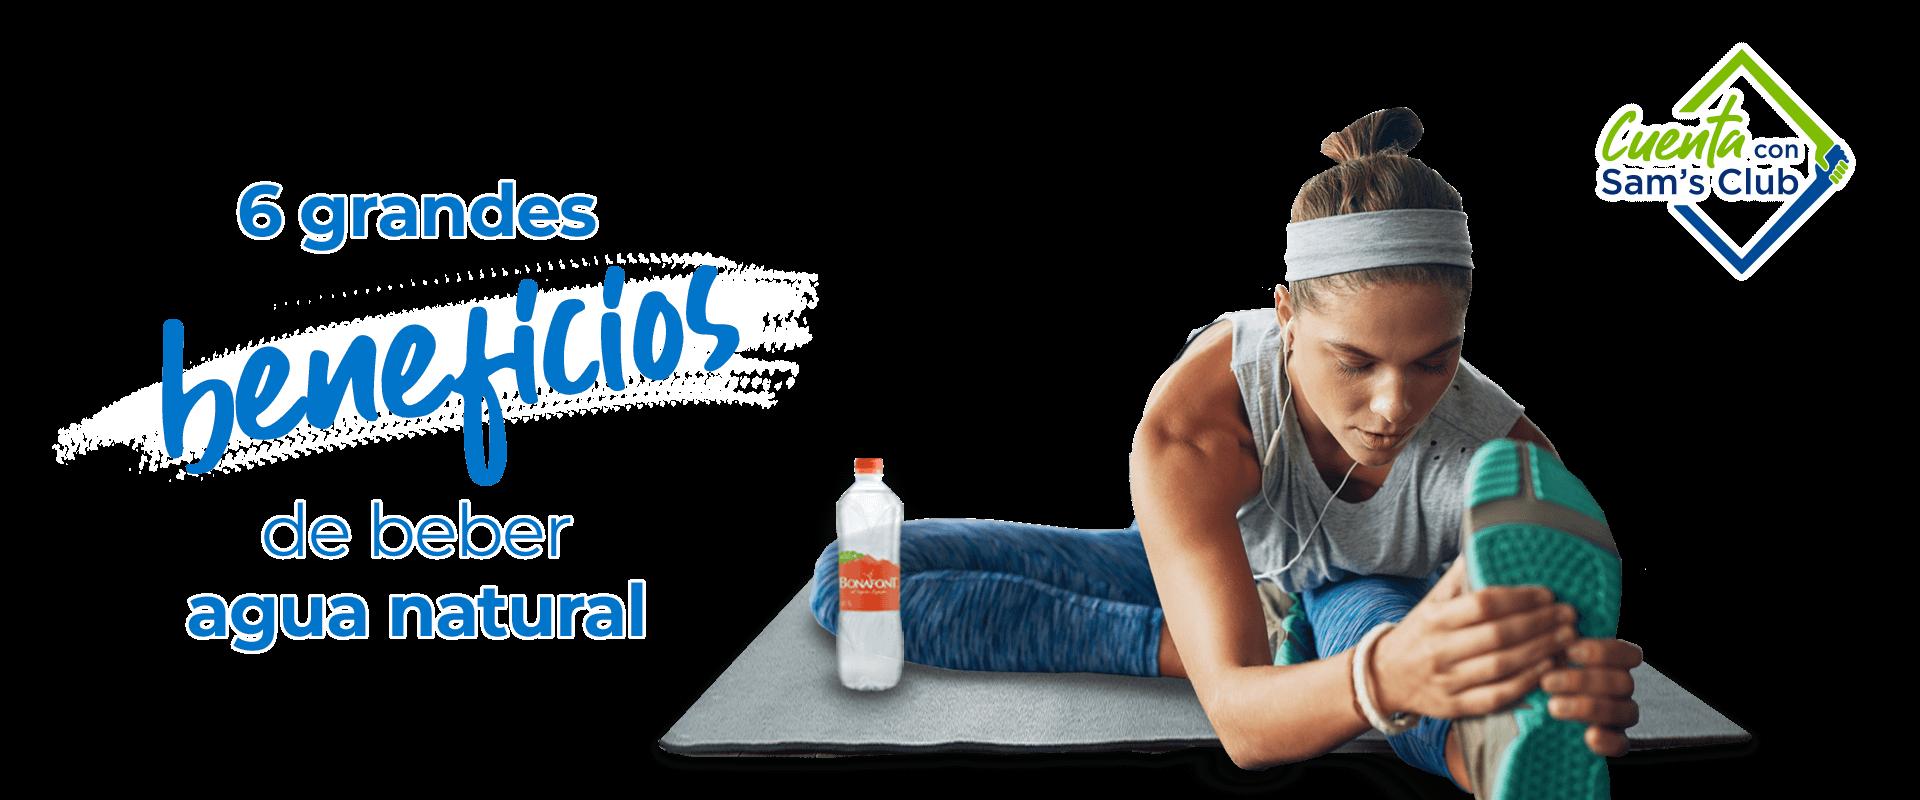 6 grandes beneficios de beber agua natural Bonafont